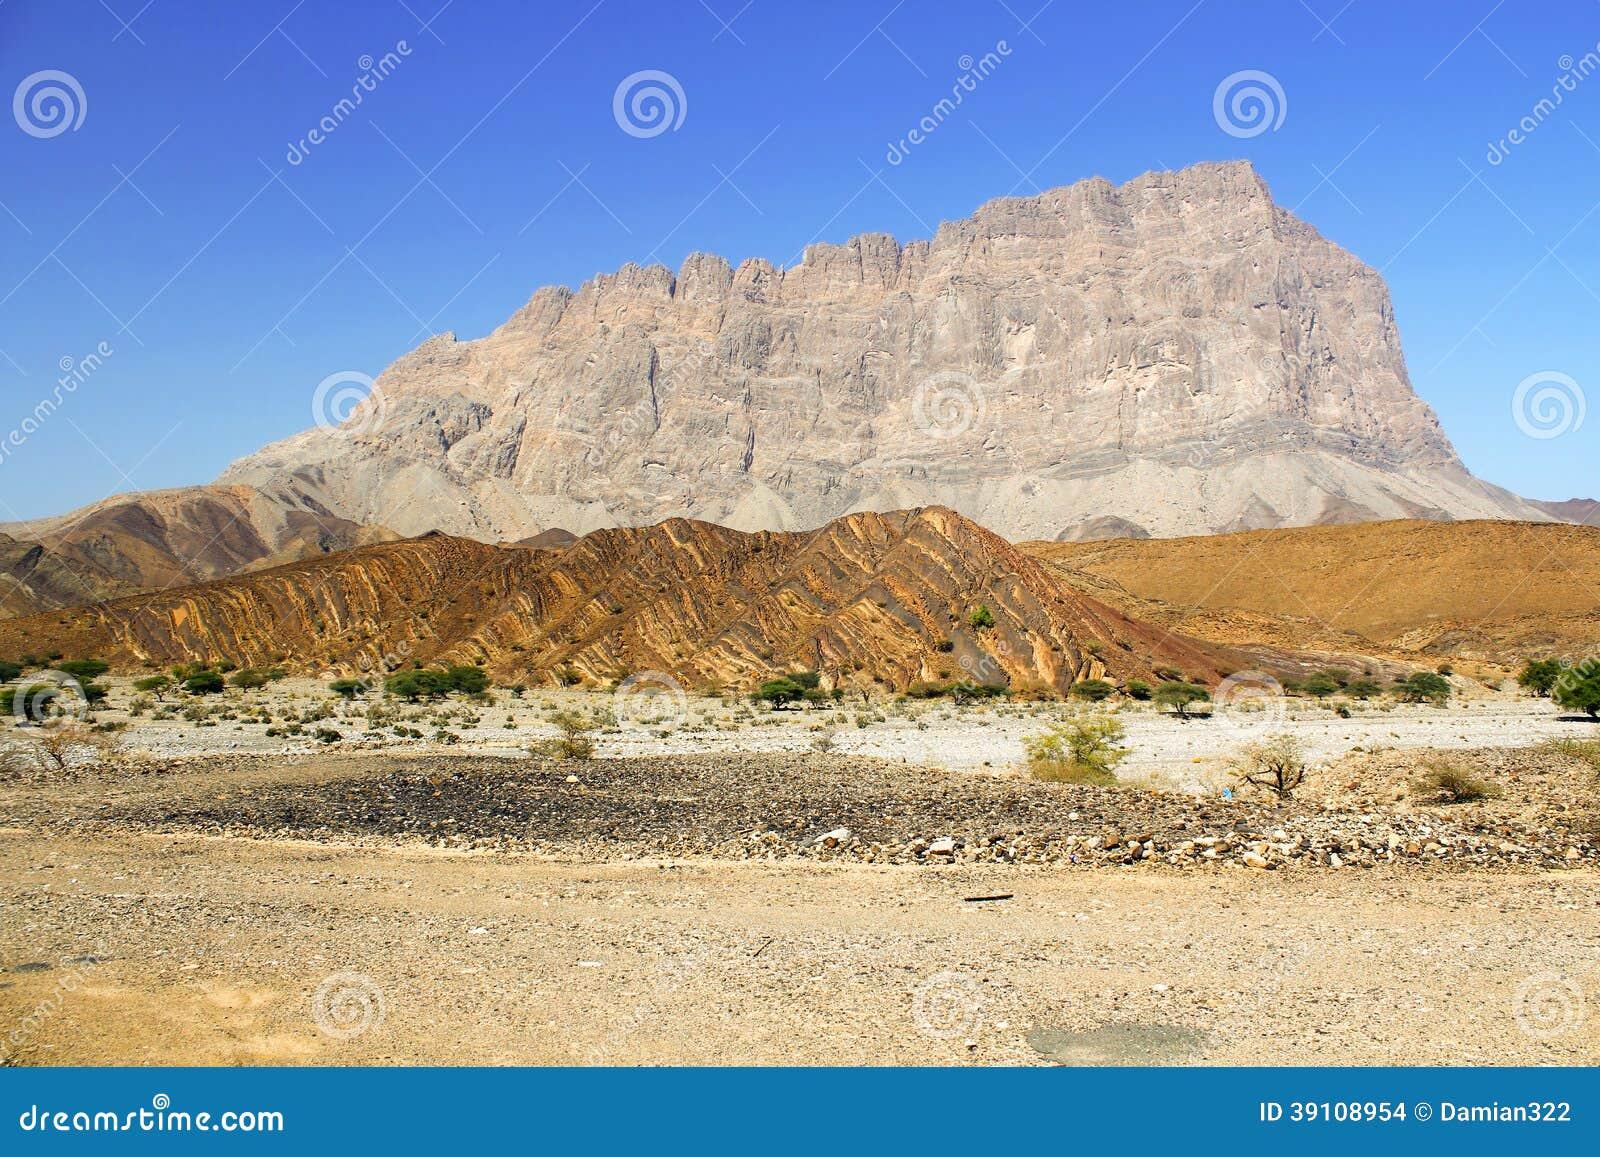 Kamberg in Oman